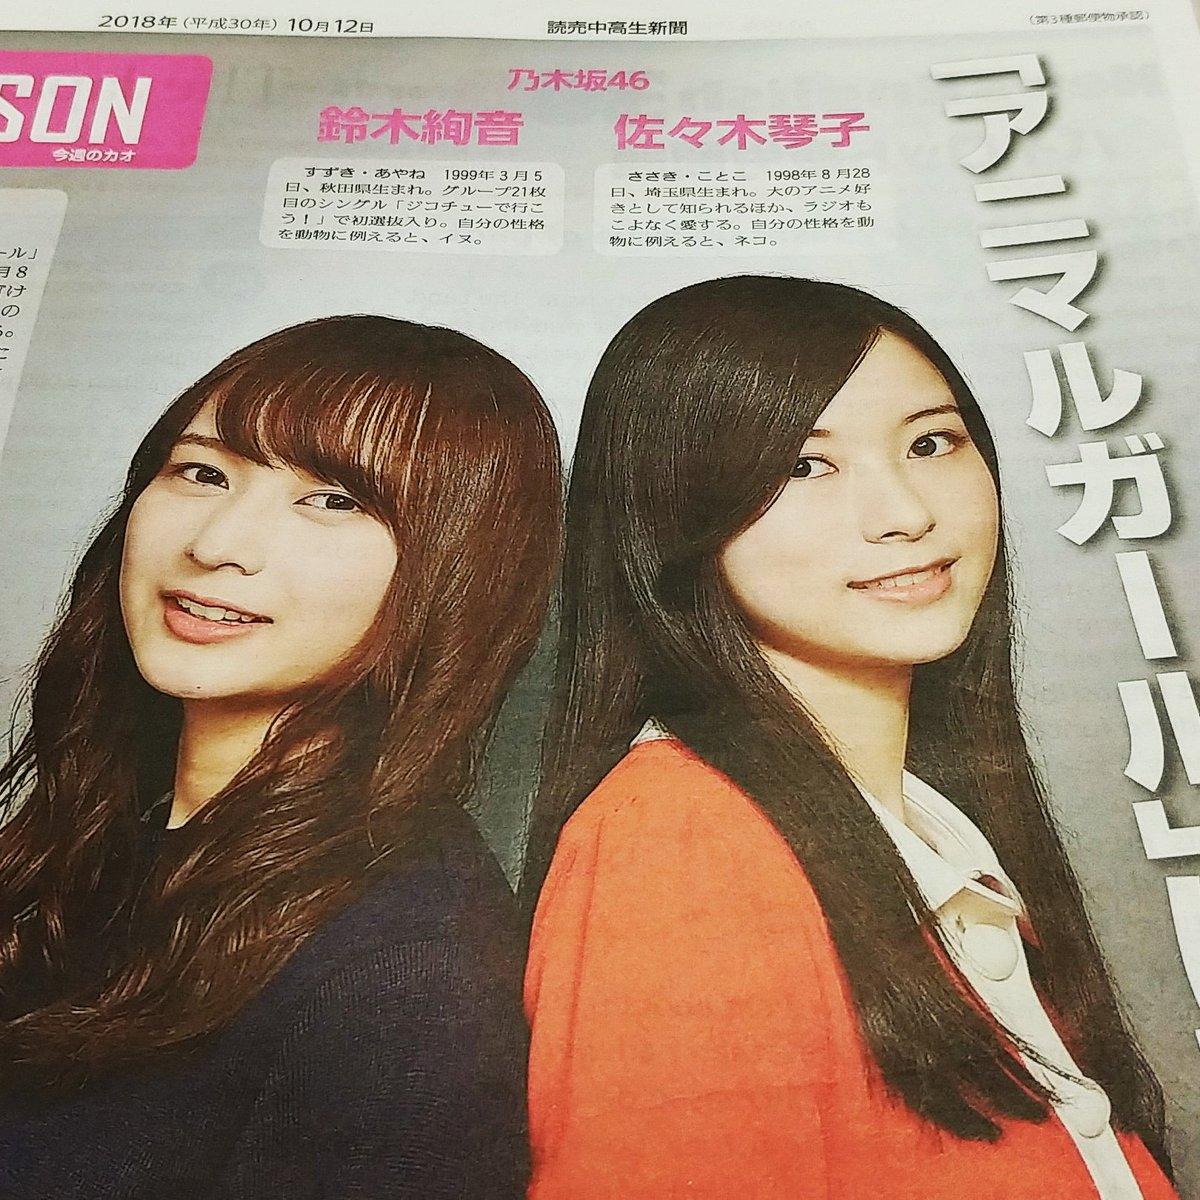 【これは凄い】読売新聞大阪本社広報宣伝部のInstagramに、画像9枚を使った超巨大な「鈴木絢音と佐々木琴子」が登場